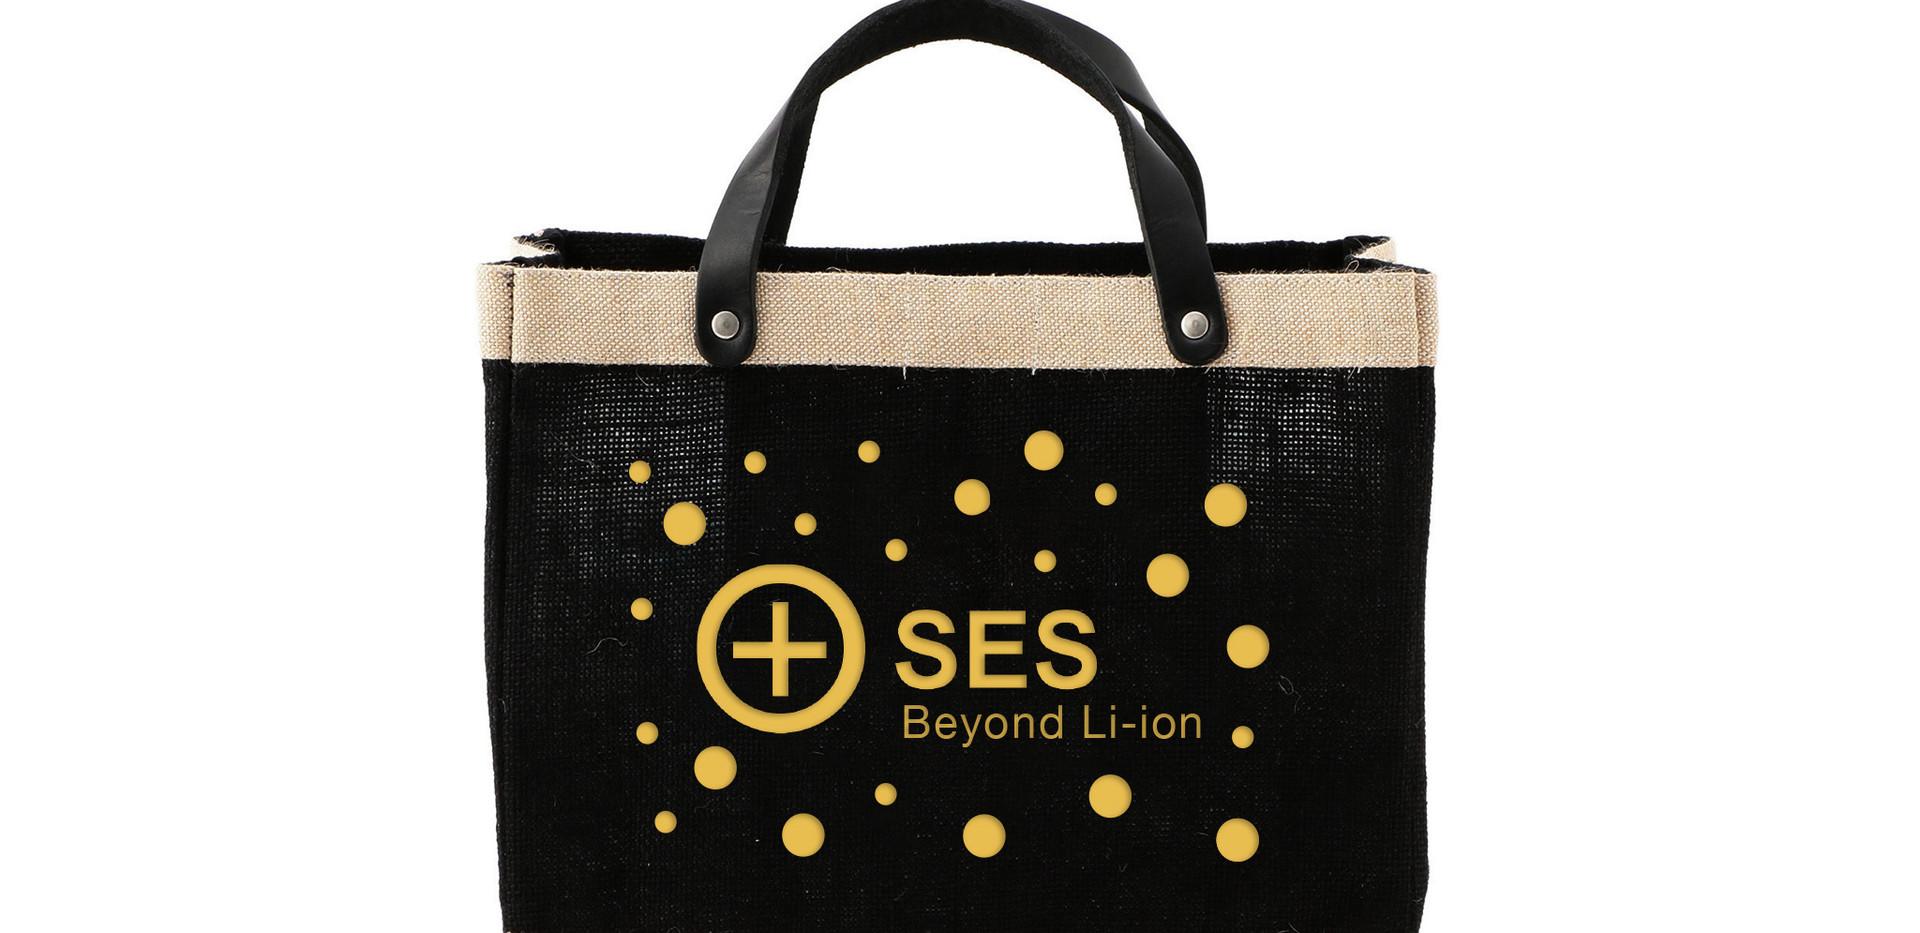 SES-dots-Black-lunch-bag-front-flat-mock